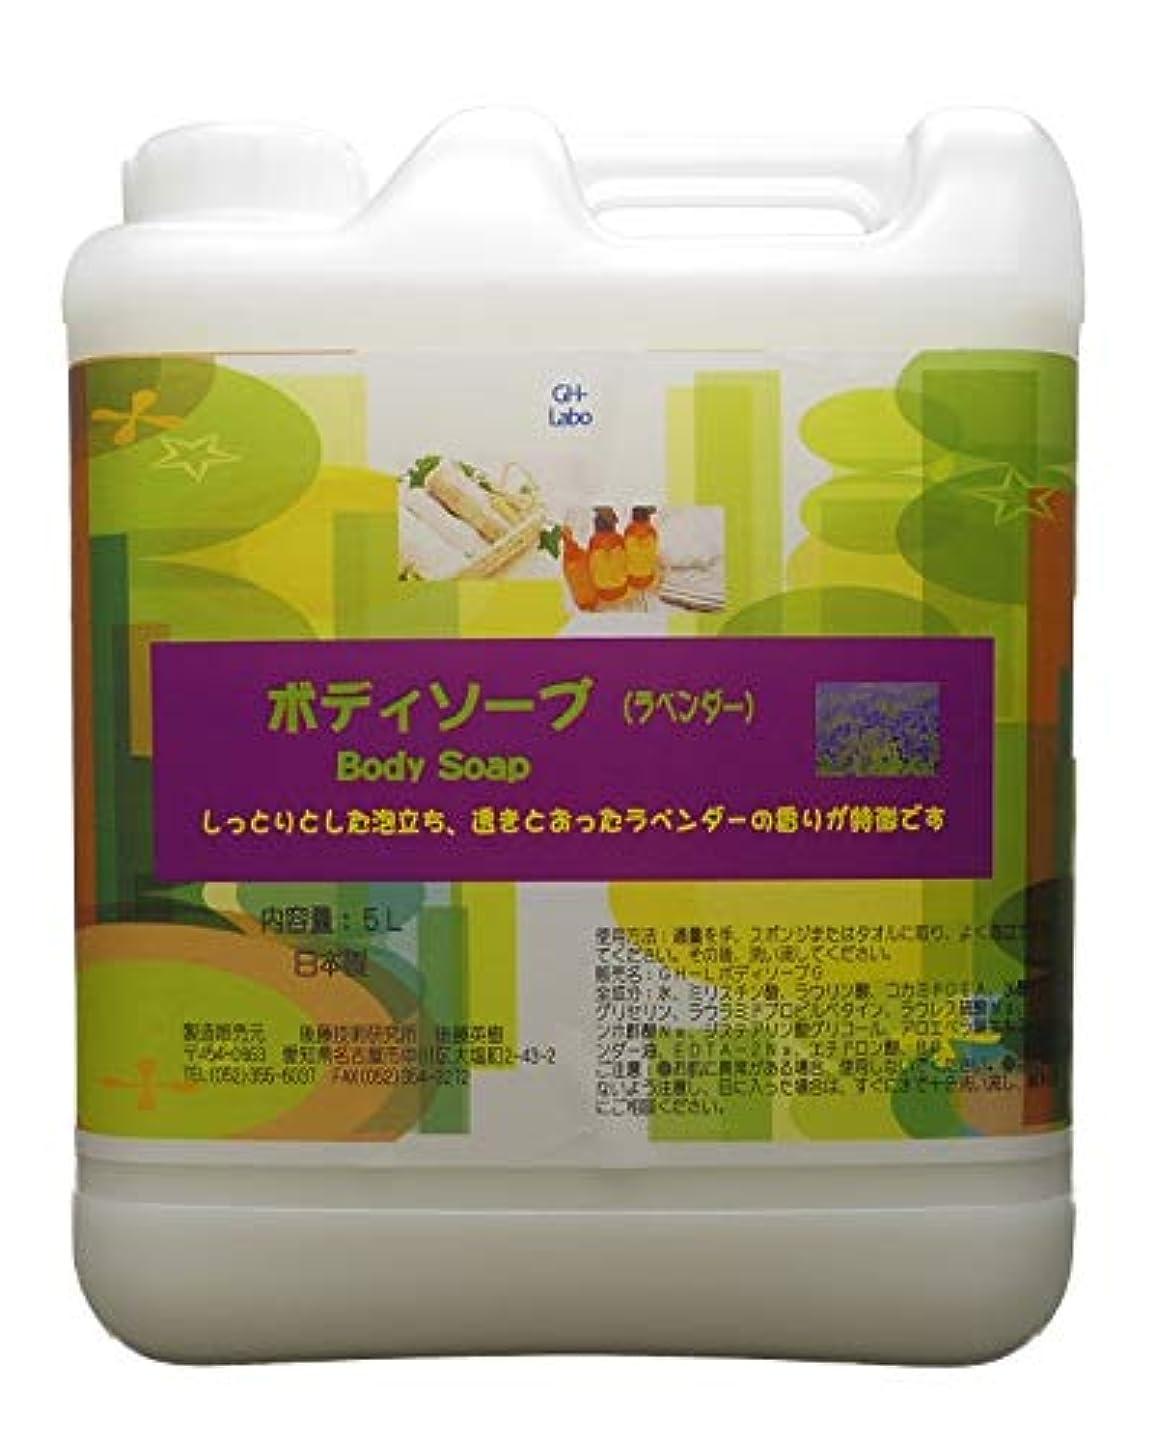 職人ヒールトロリーGH-Labo 業務用ボディソープ ラベンダーの香り 5L